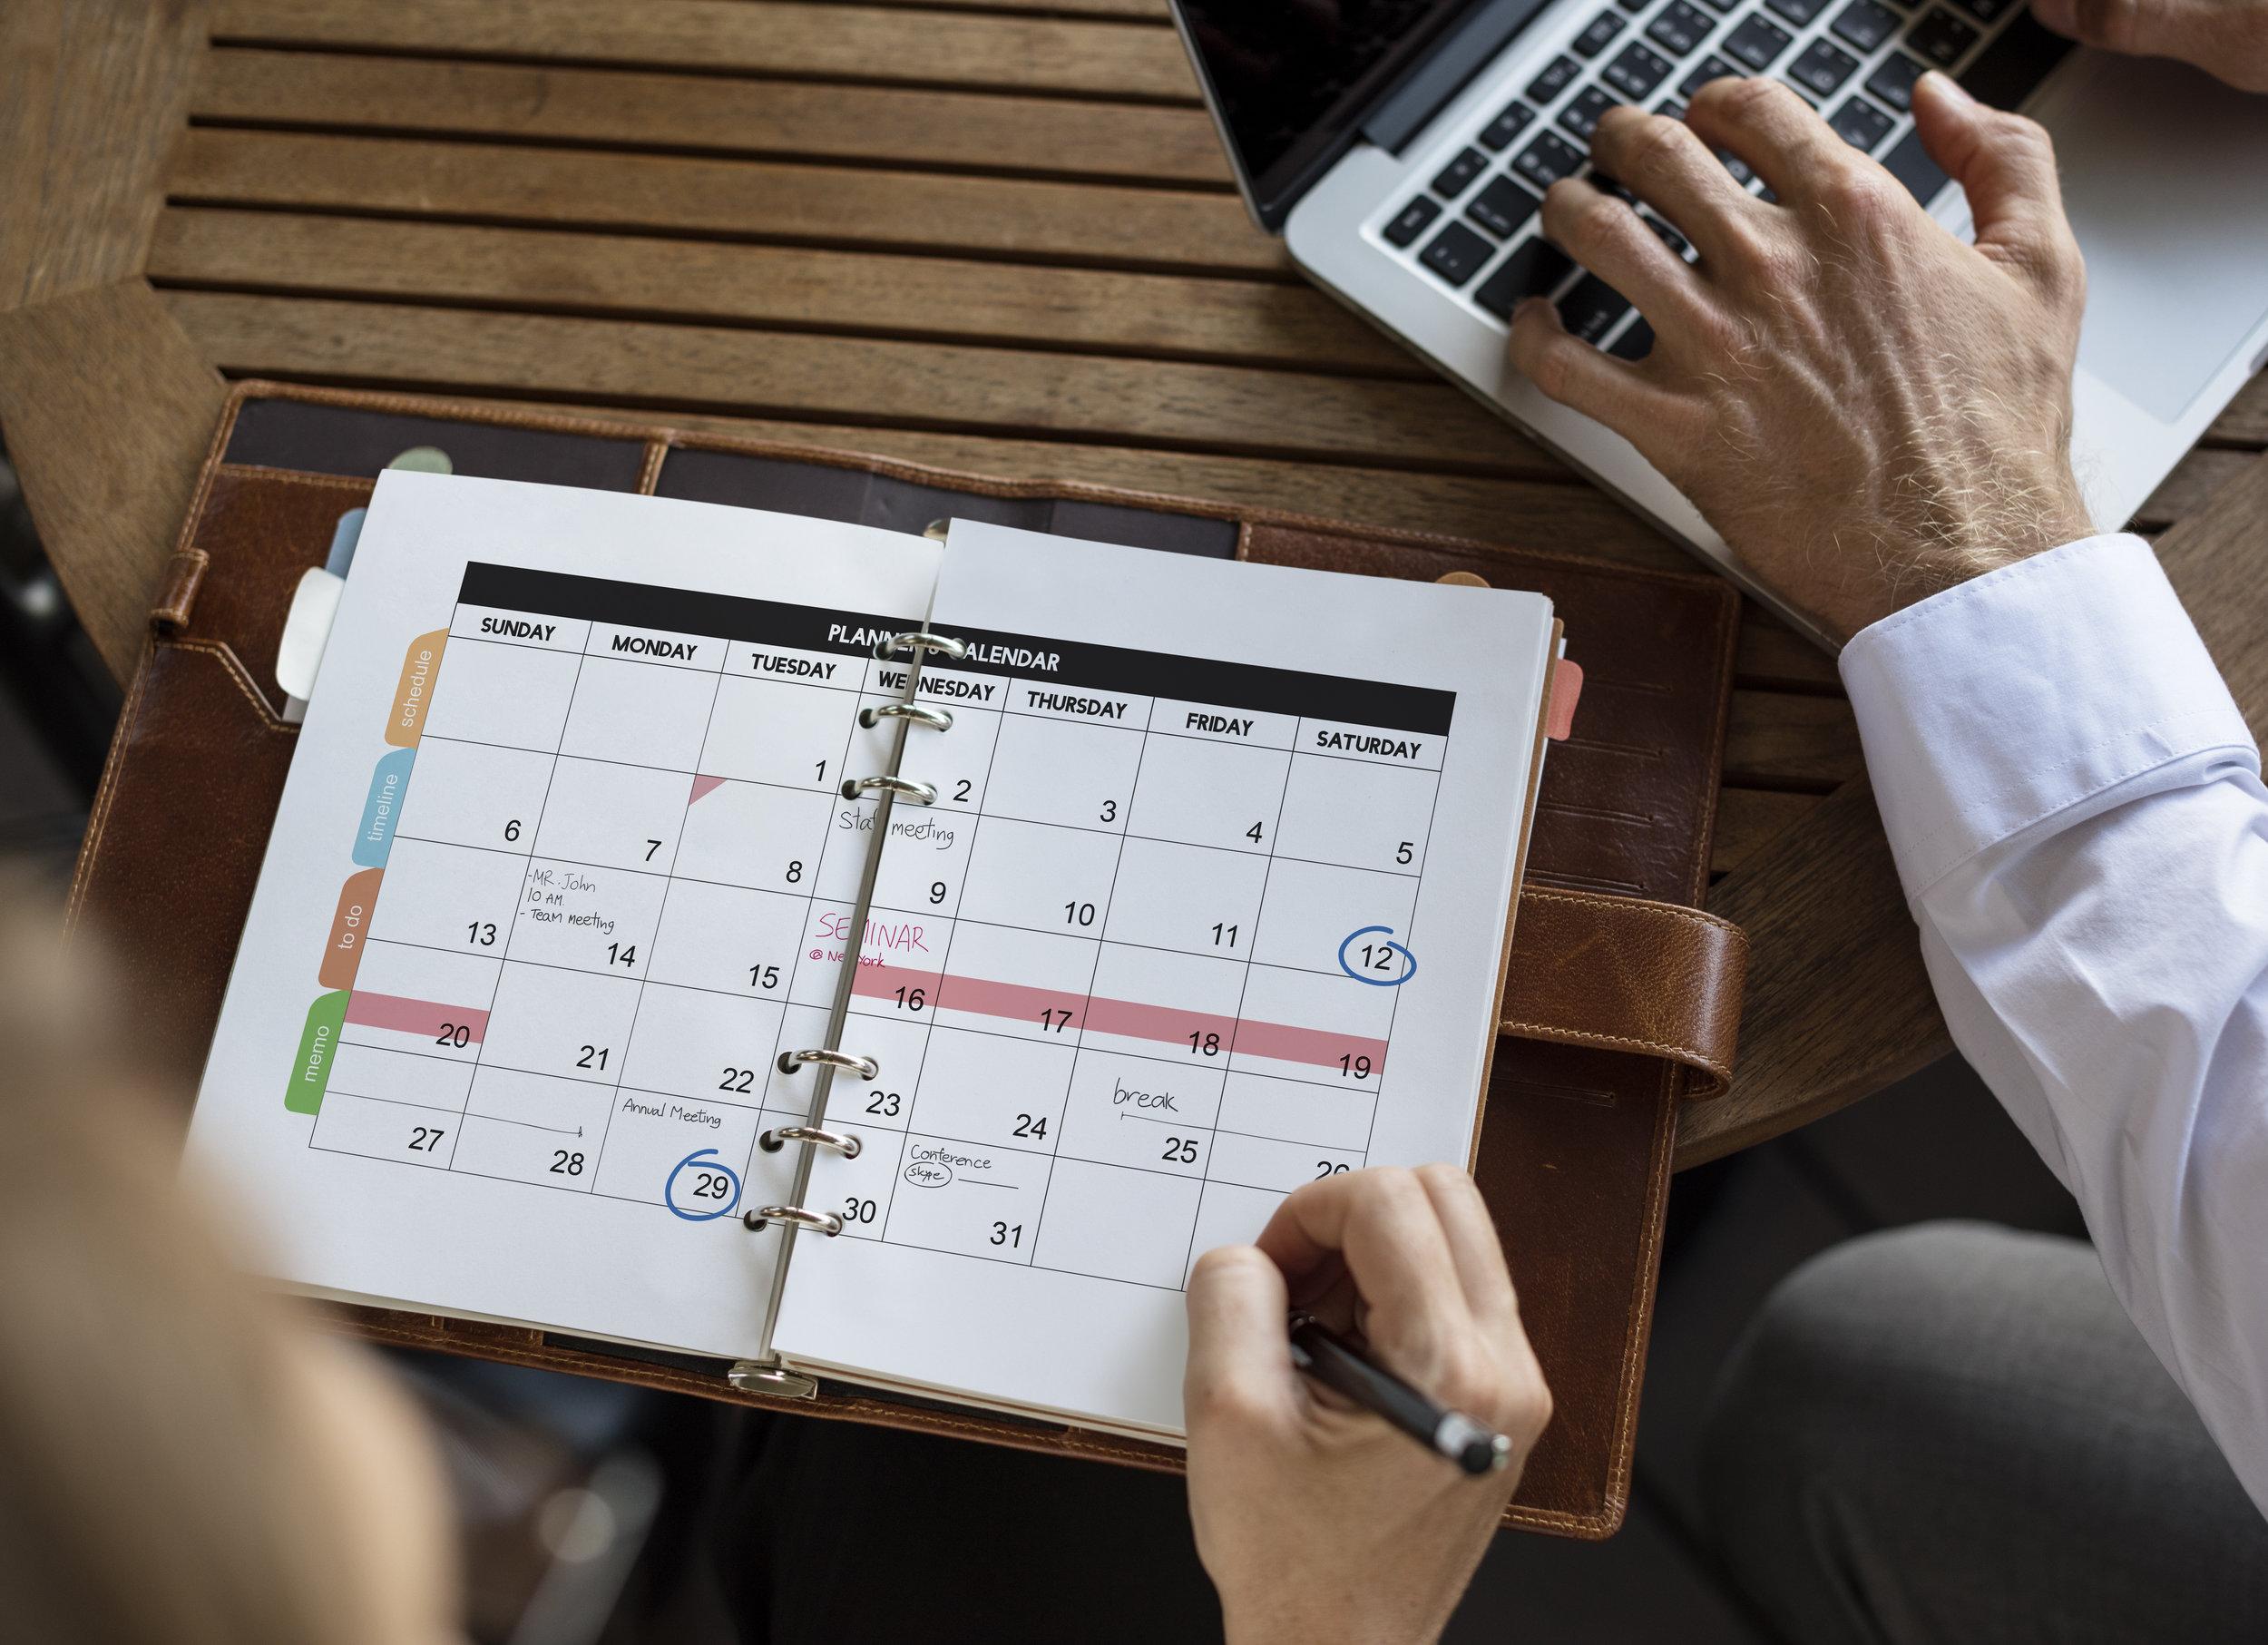 personal-organizer-management-schedule-planning-D48Z6GY.jpg